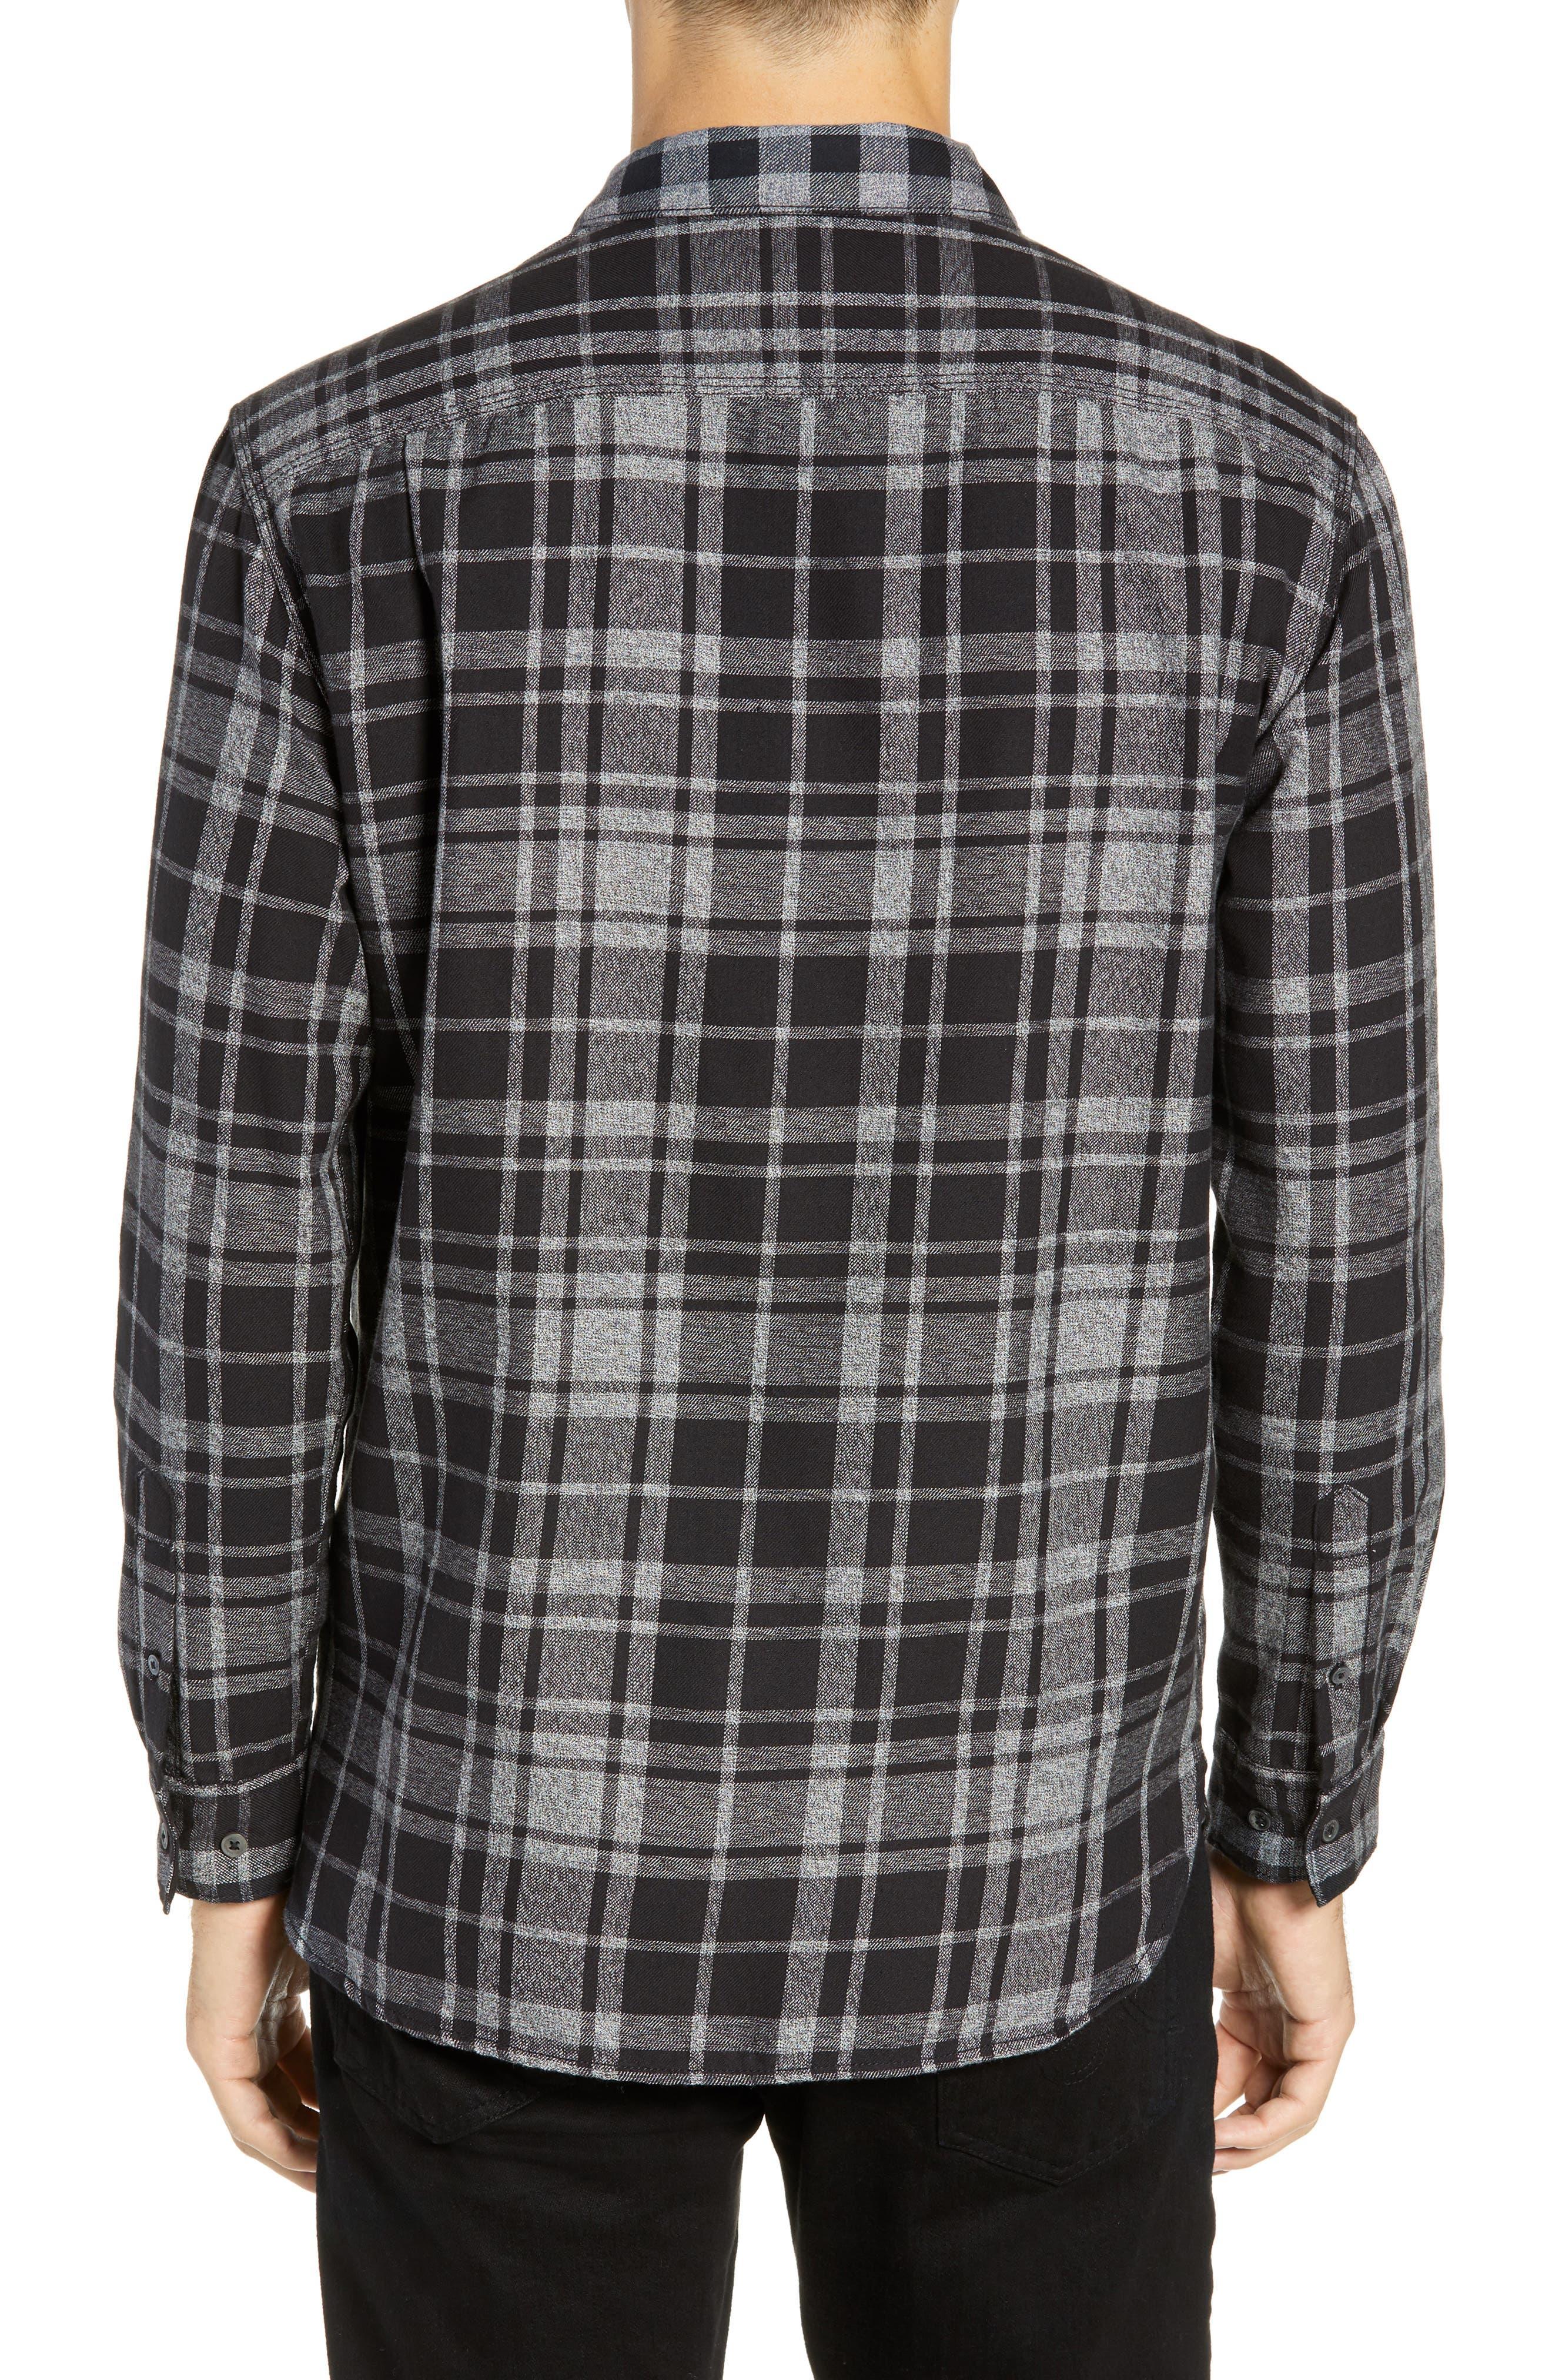 Bits & Pieces Loose Fit Sport Shirt,                             Alternate thumbnail 3, color,                             BLACK CHECKS